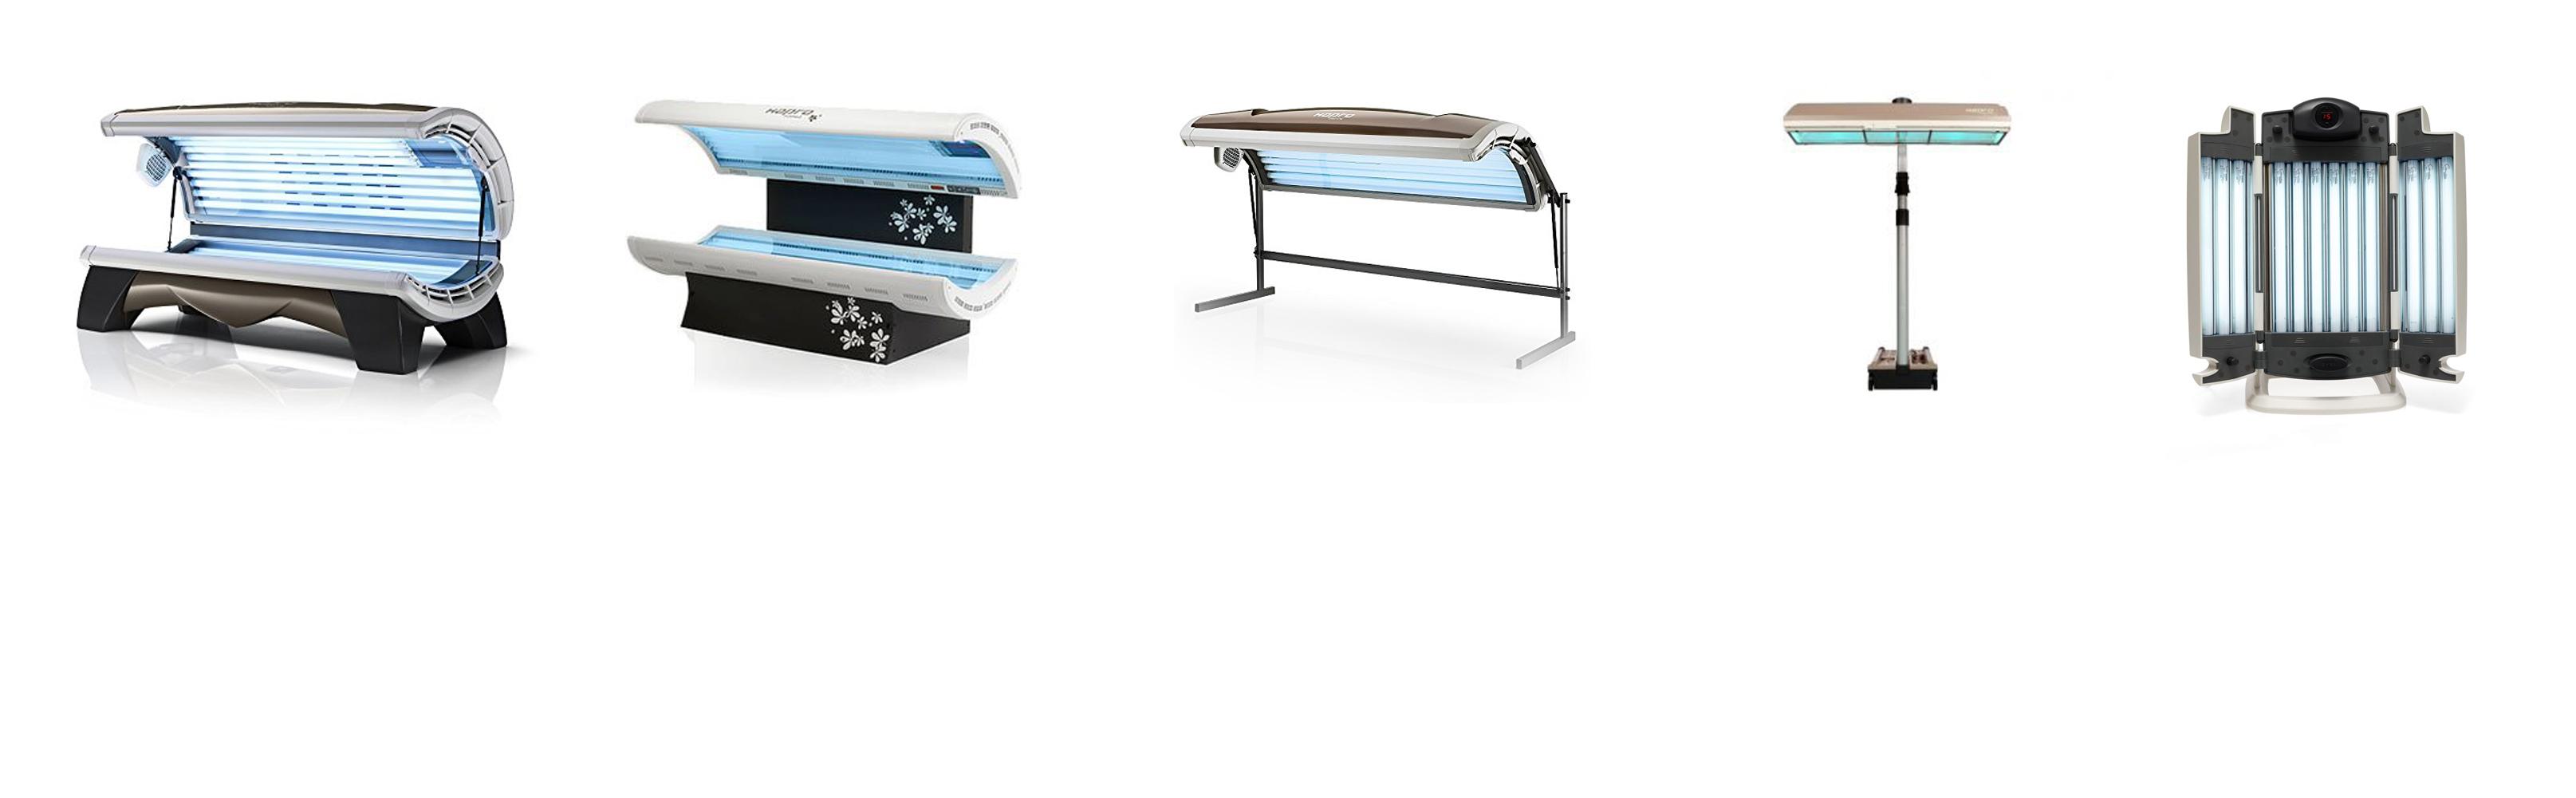 sch n sonnenb nke f r zuhause ideen die kinderzimmer. Black Bedroom Furniture Sets. Home Design Ideas